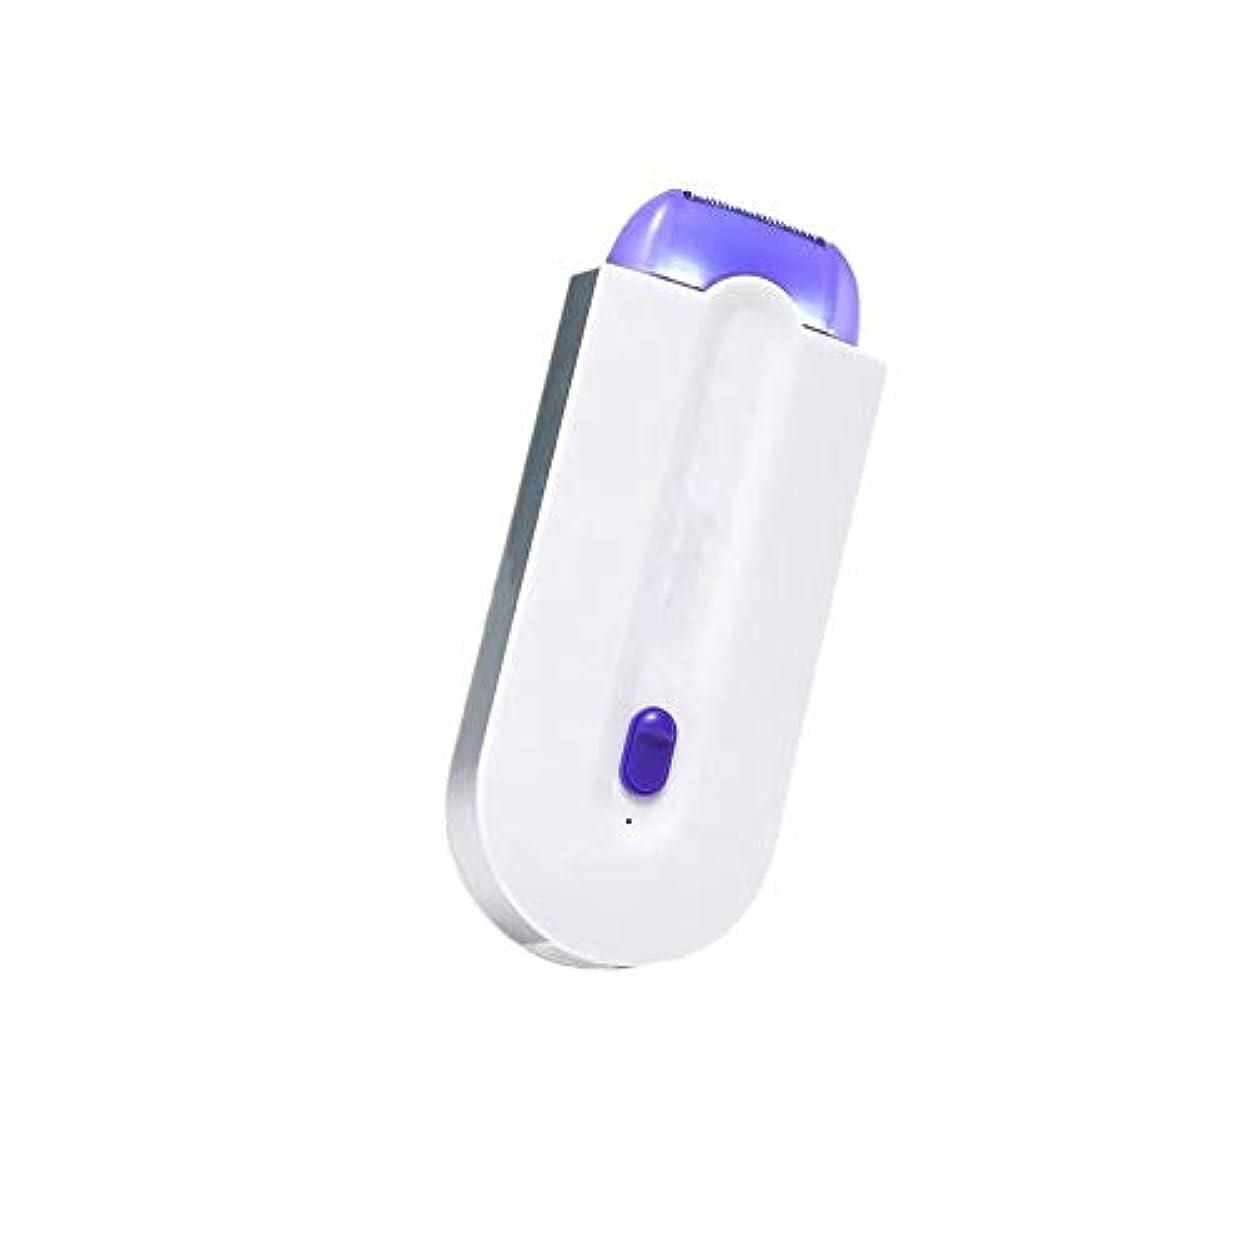 方法論オーディション提出するレーザー脱毛装置は、電気痛みのない、美容院リップ脱毛装置、脇の下ビキニ脚脱毛装置です